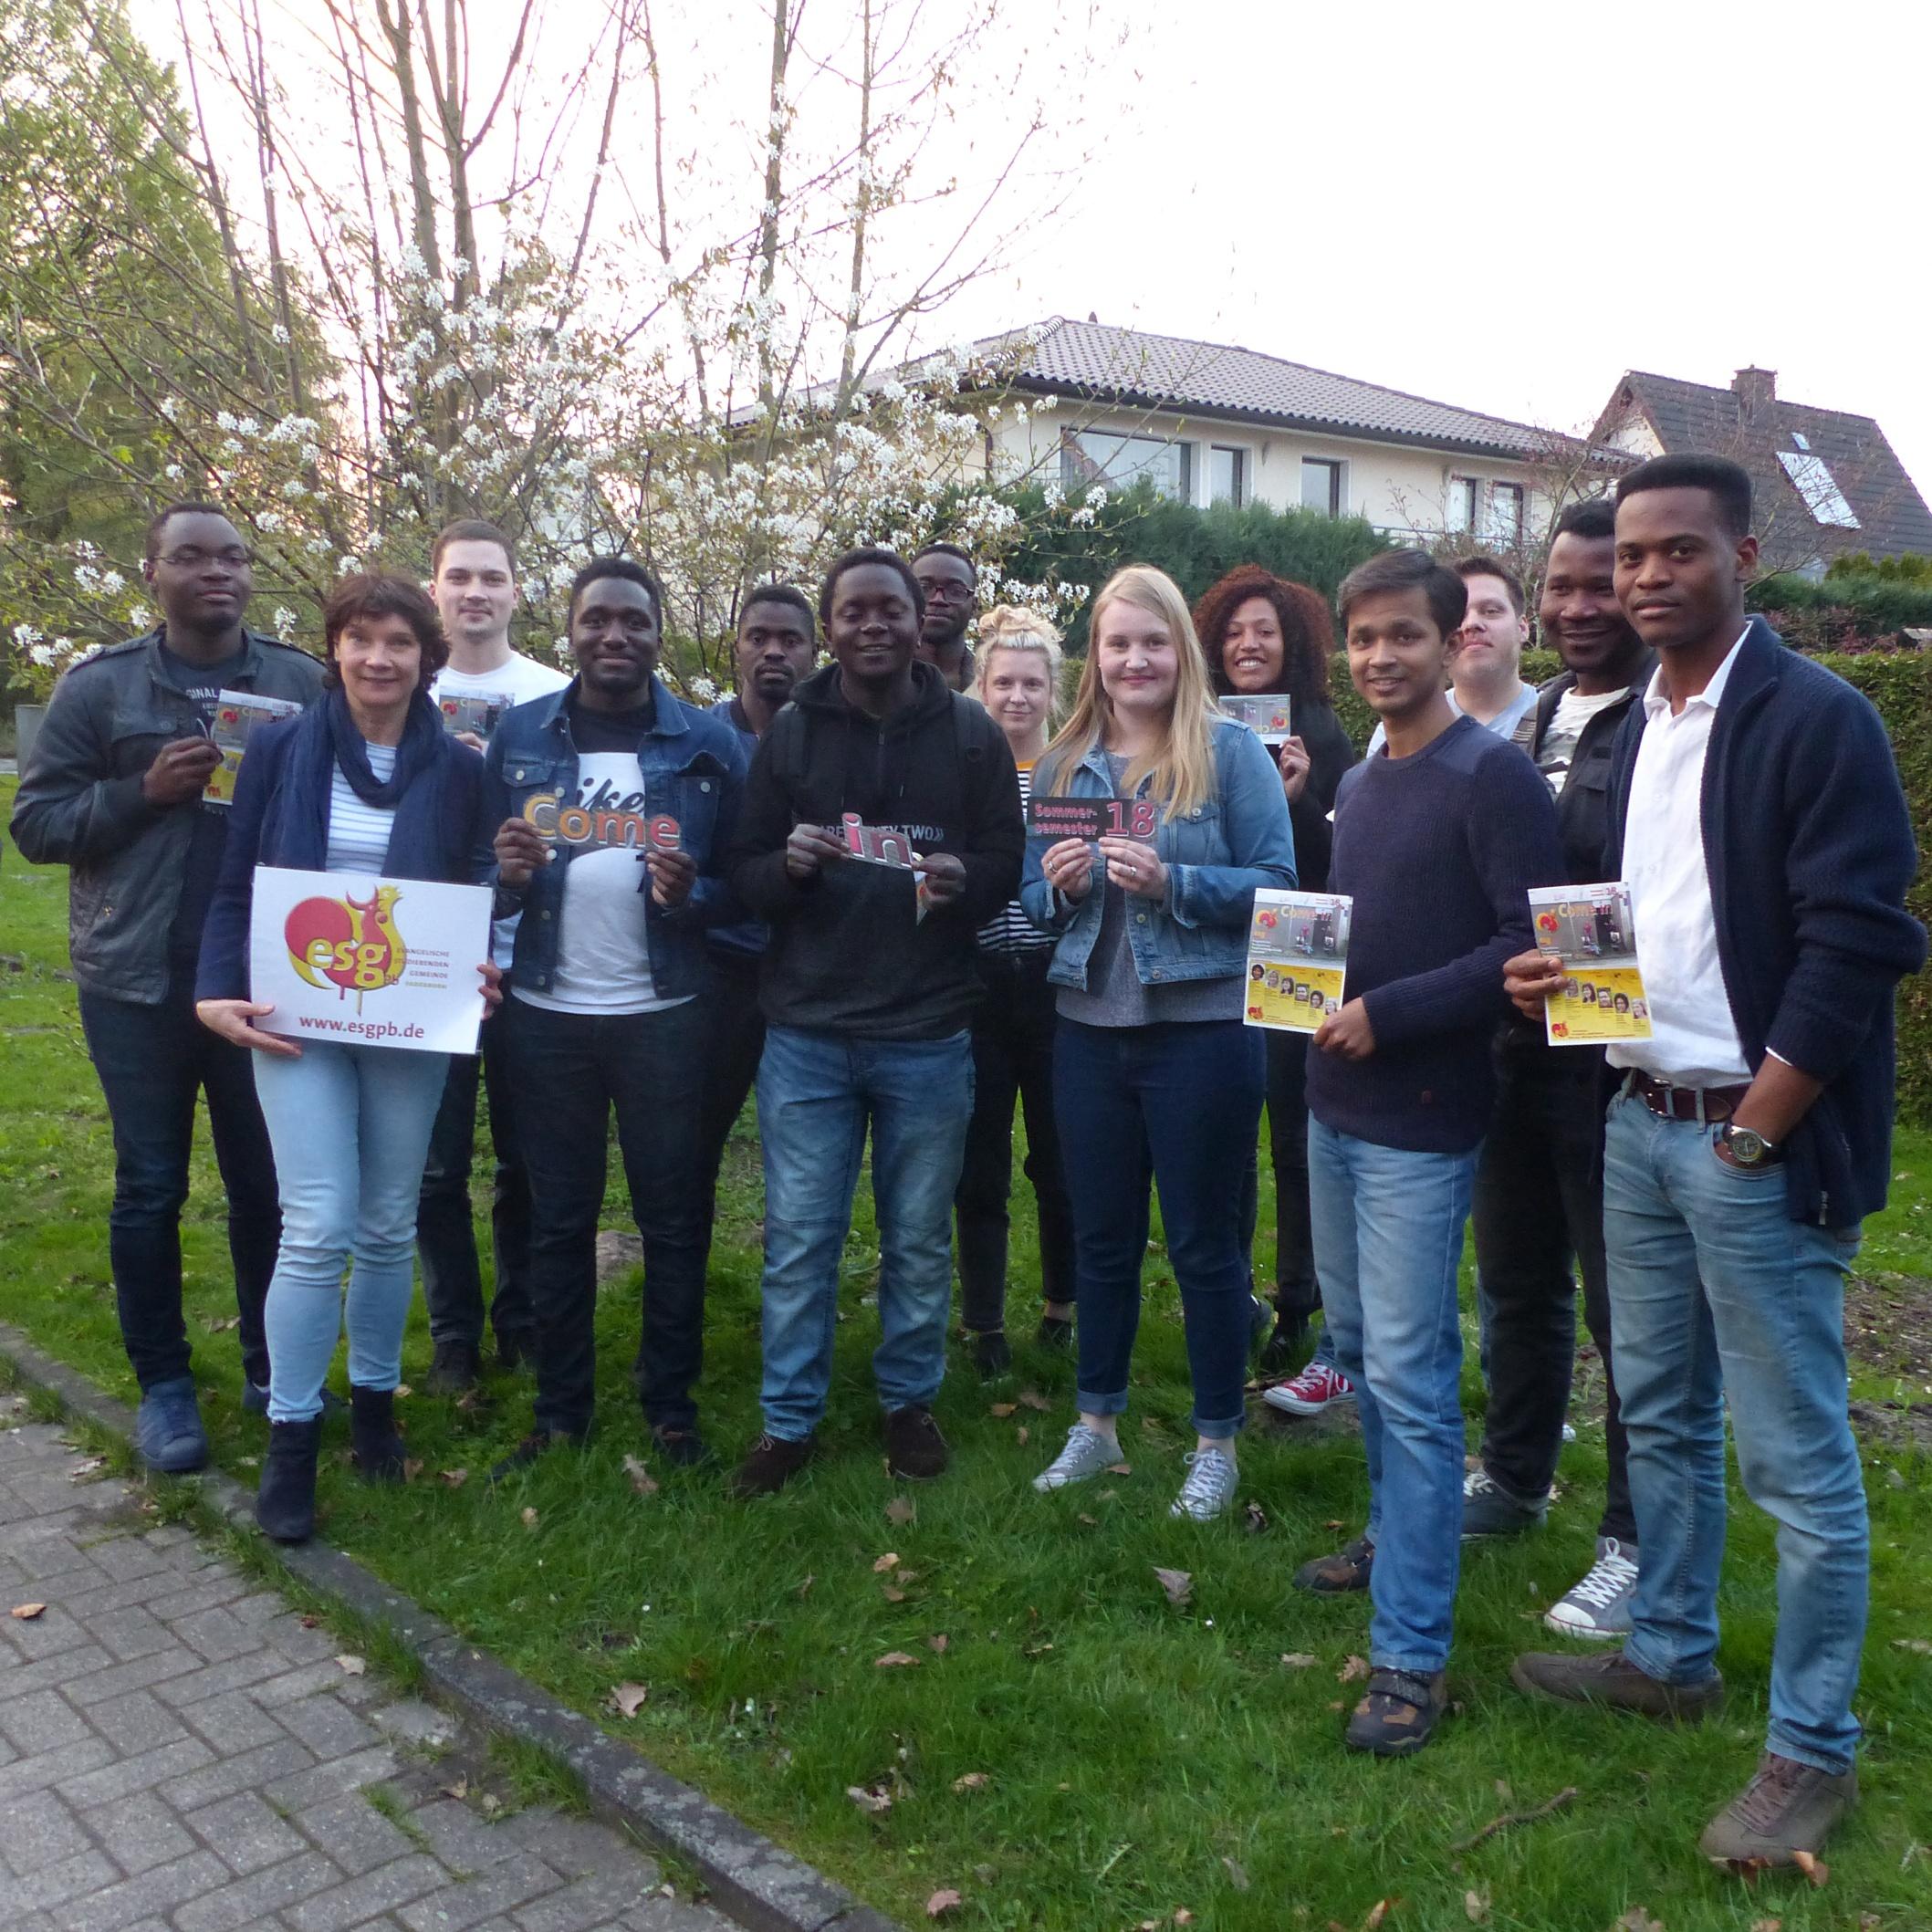 Laden ein zu den ESG-Veranstaltungen: Studierende der Universität Paderborn aus vielen Nationen und Studierendenpfarrerin Heidrun Greine (vorne links). Foto: ESG/Matthias Schmitt